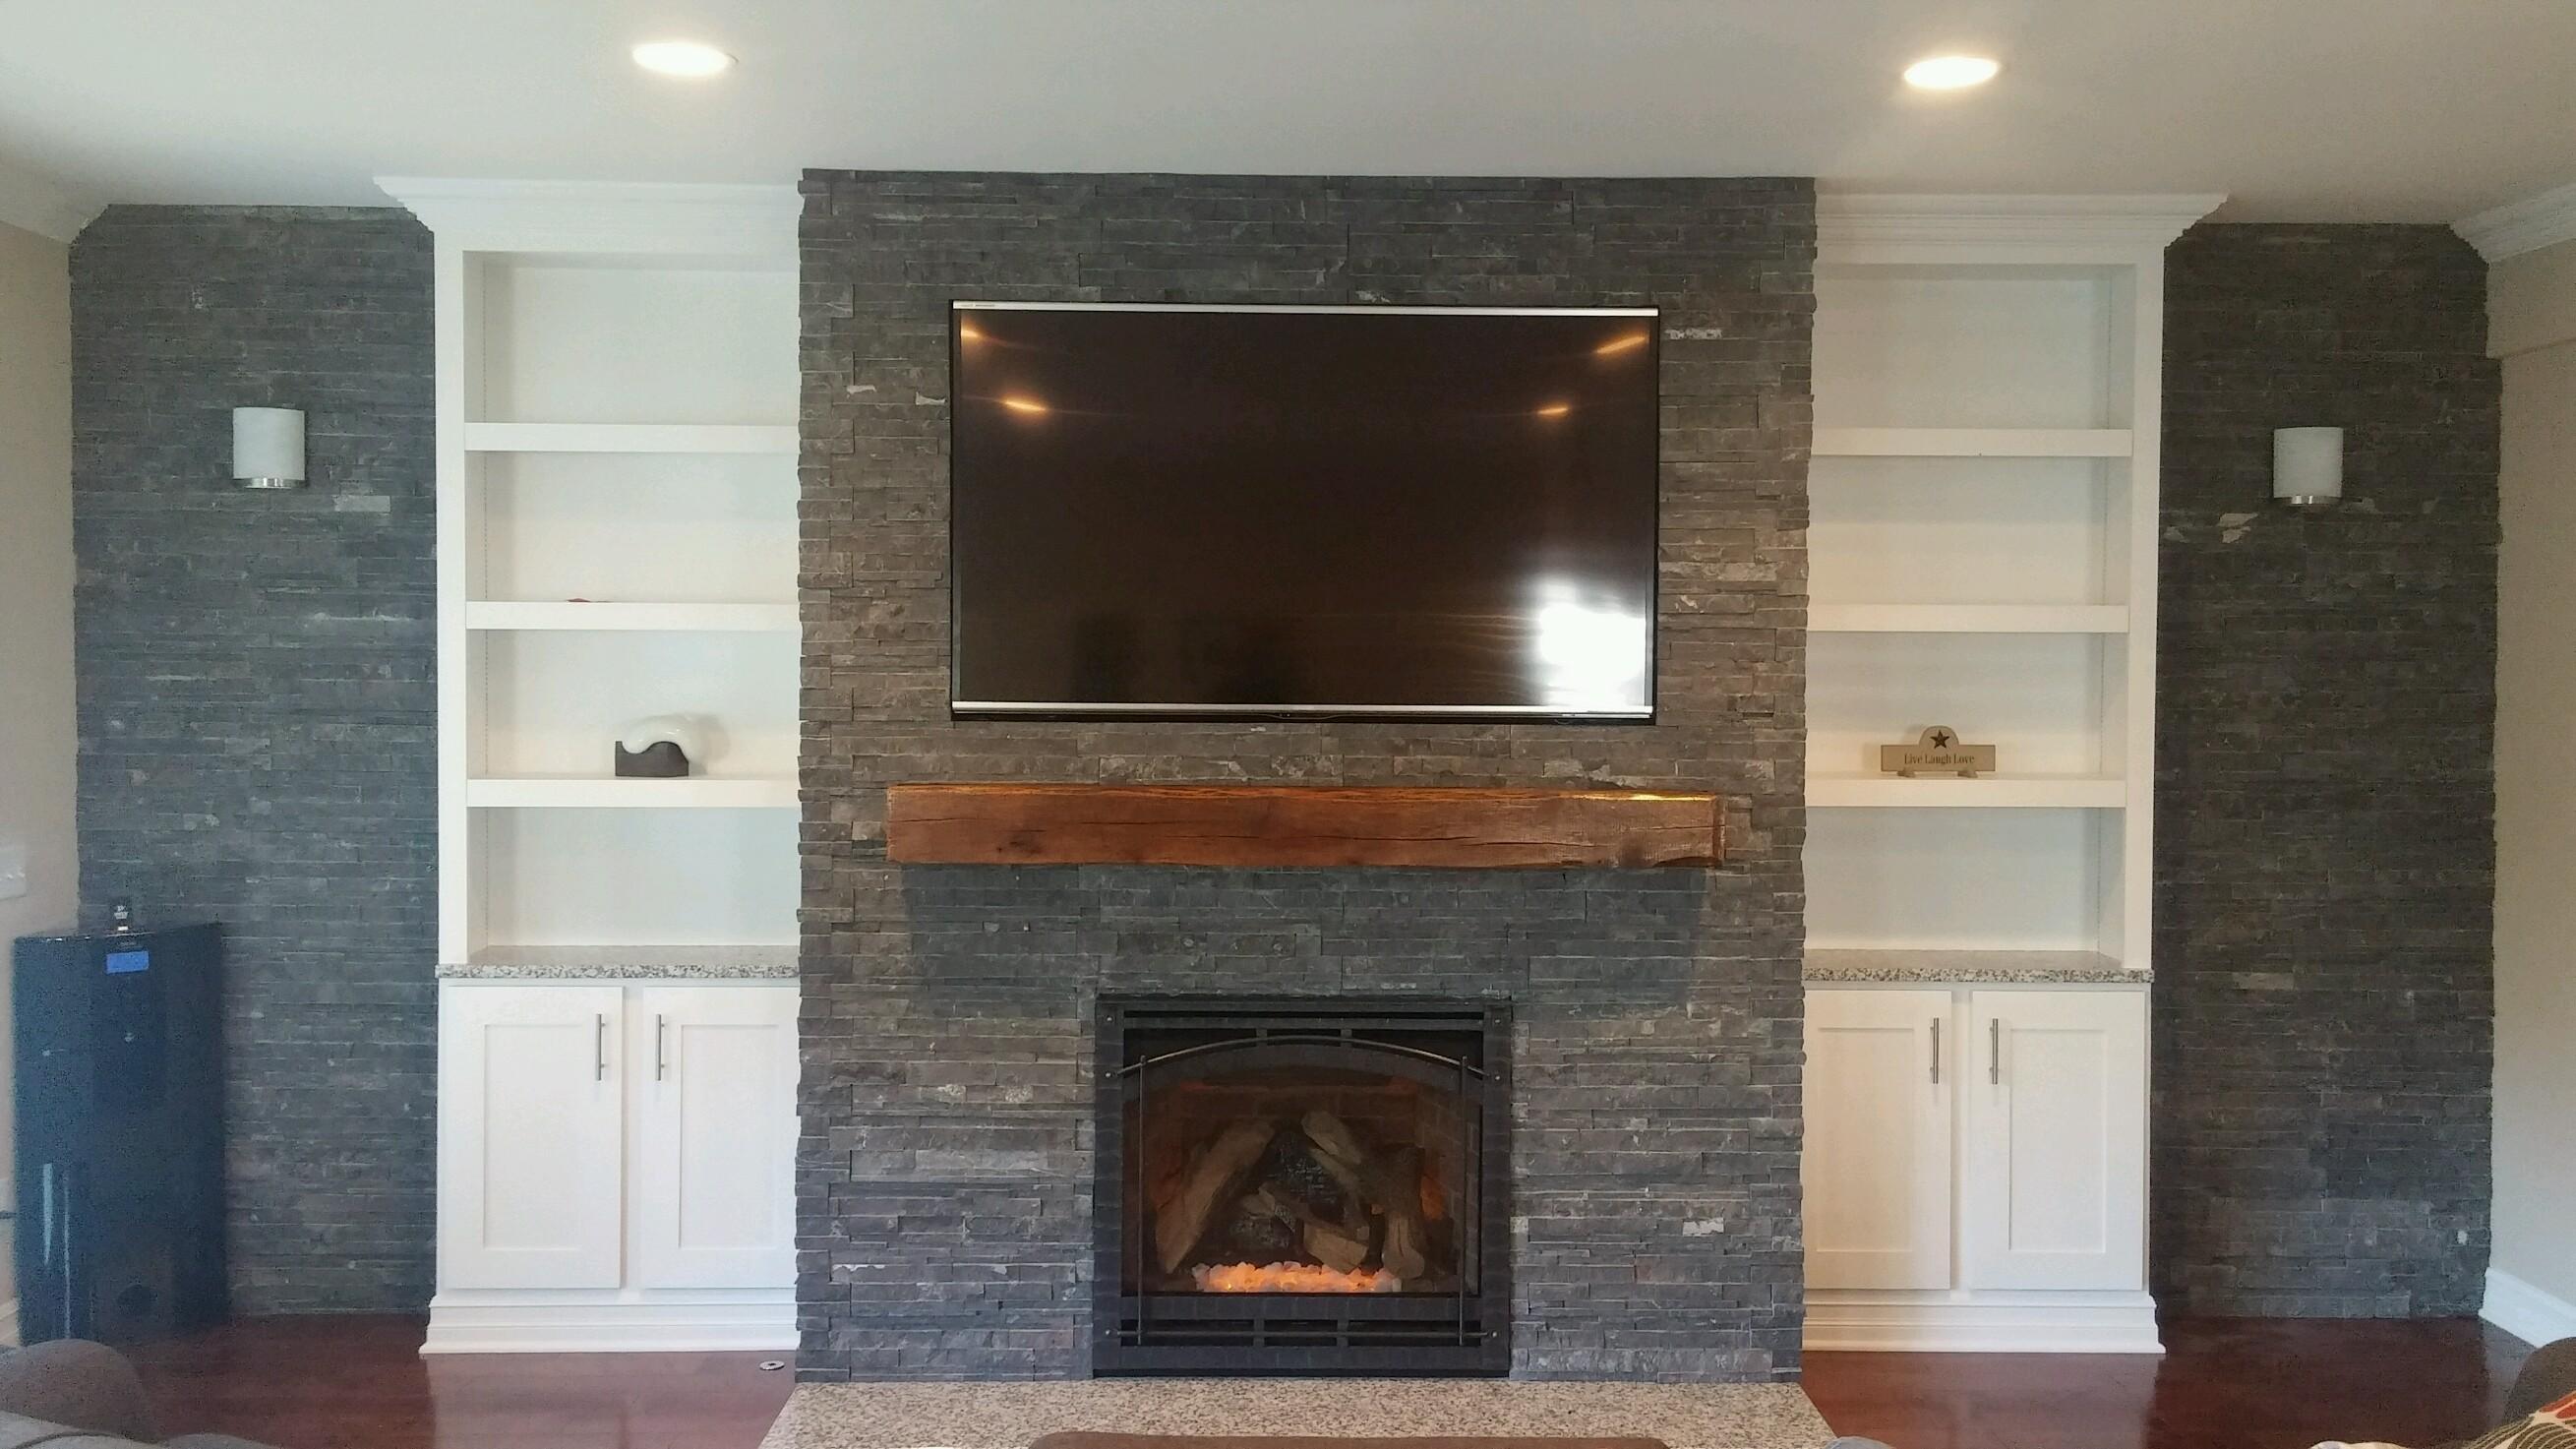 Wood Mantels Shw2680l Wood Mantels Medium Rustic Distressed Capshelf Mantel Wood Fireplace